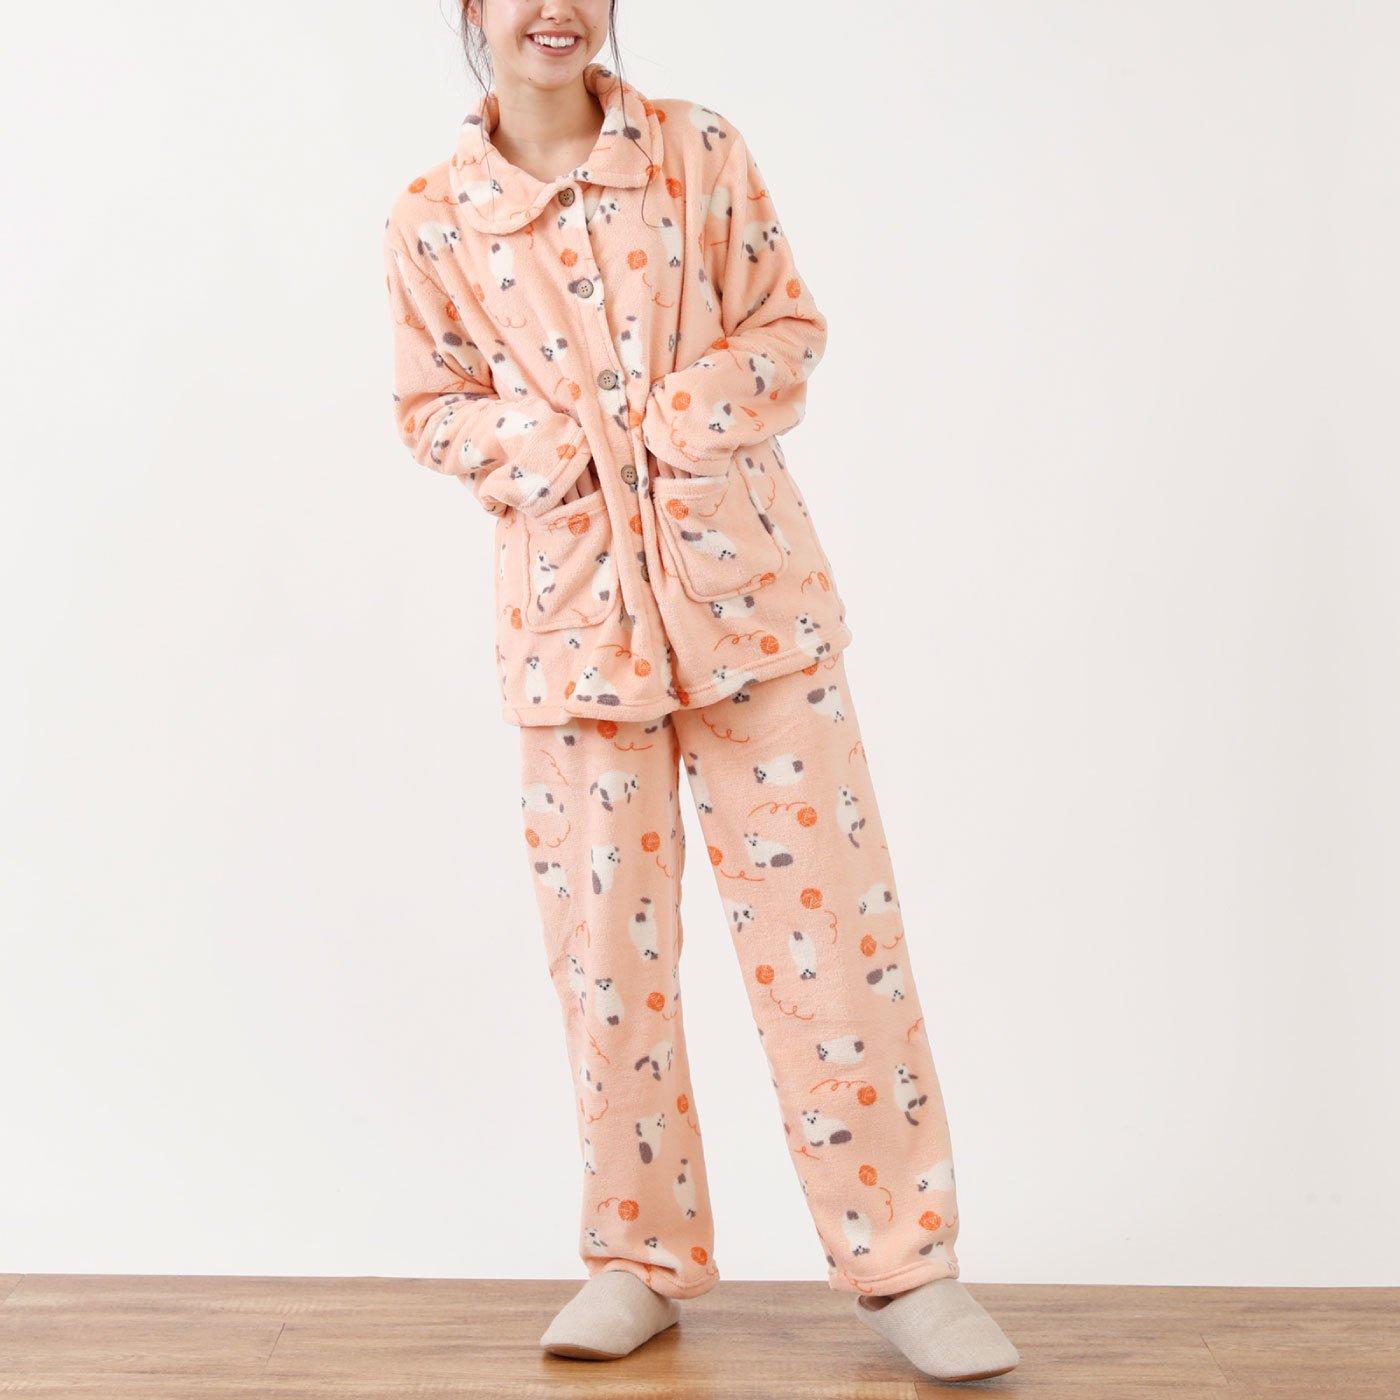 ふんわりあったか ネコ柄パジャマ